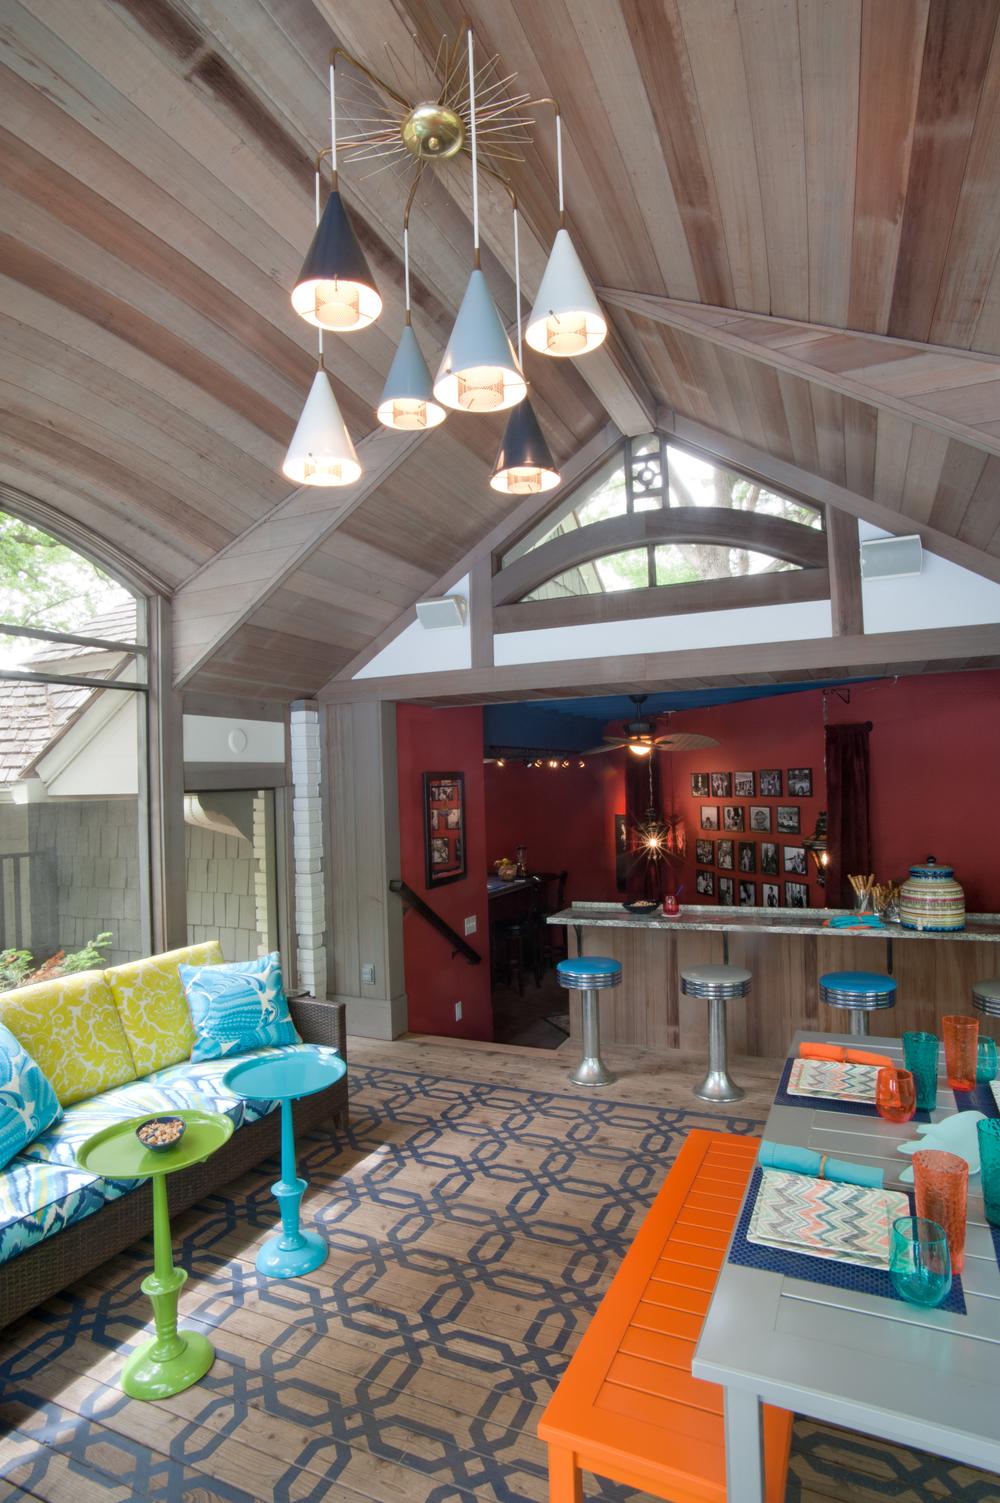 Pool_House_ASID_Home-2.jpg